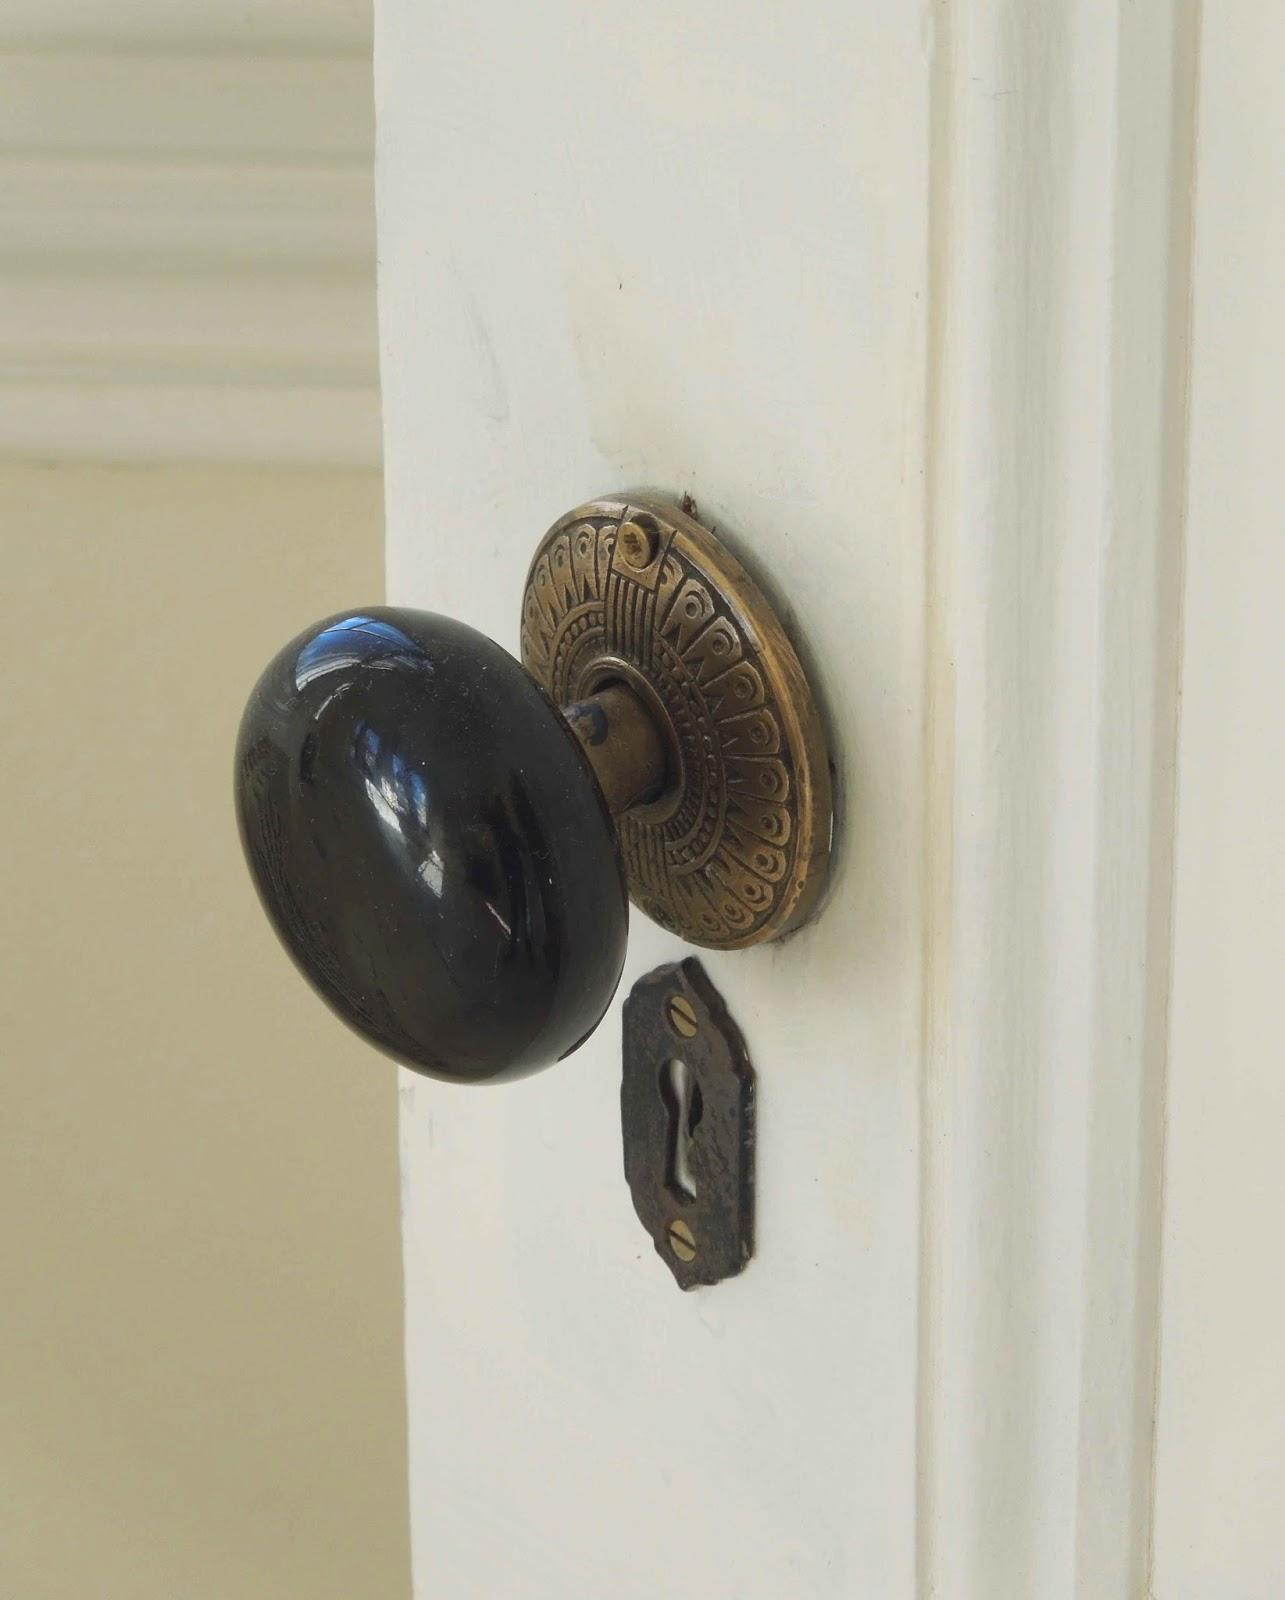 rubber door knob cover photo - 5